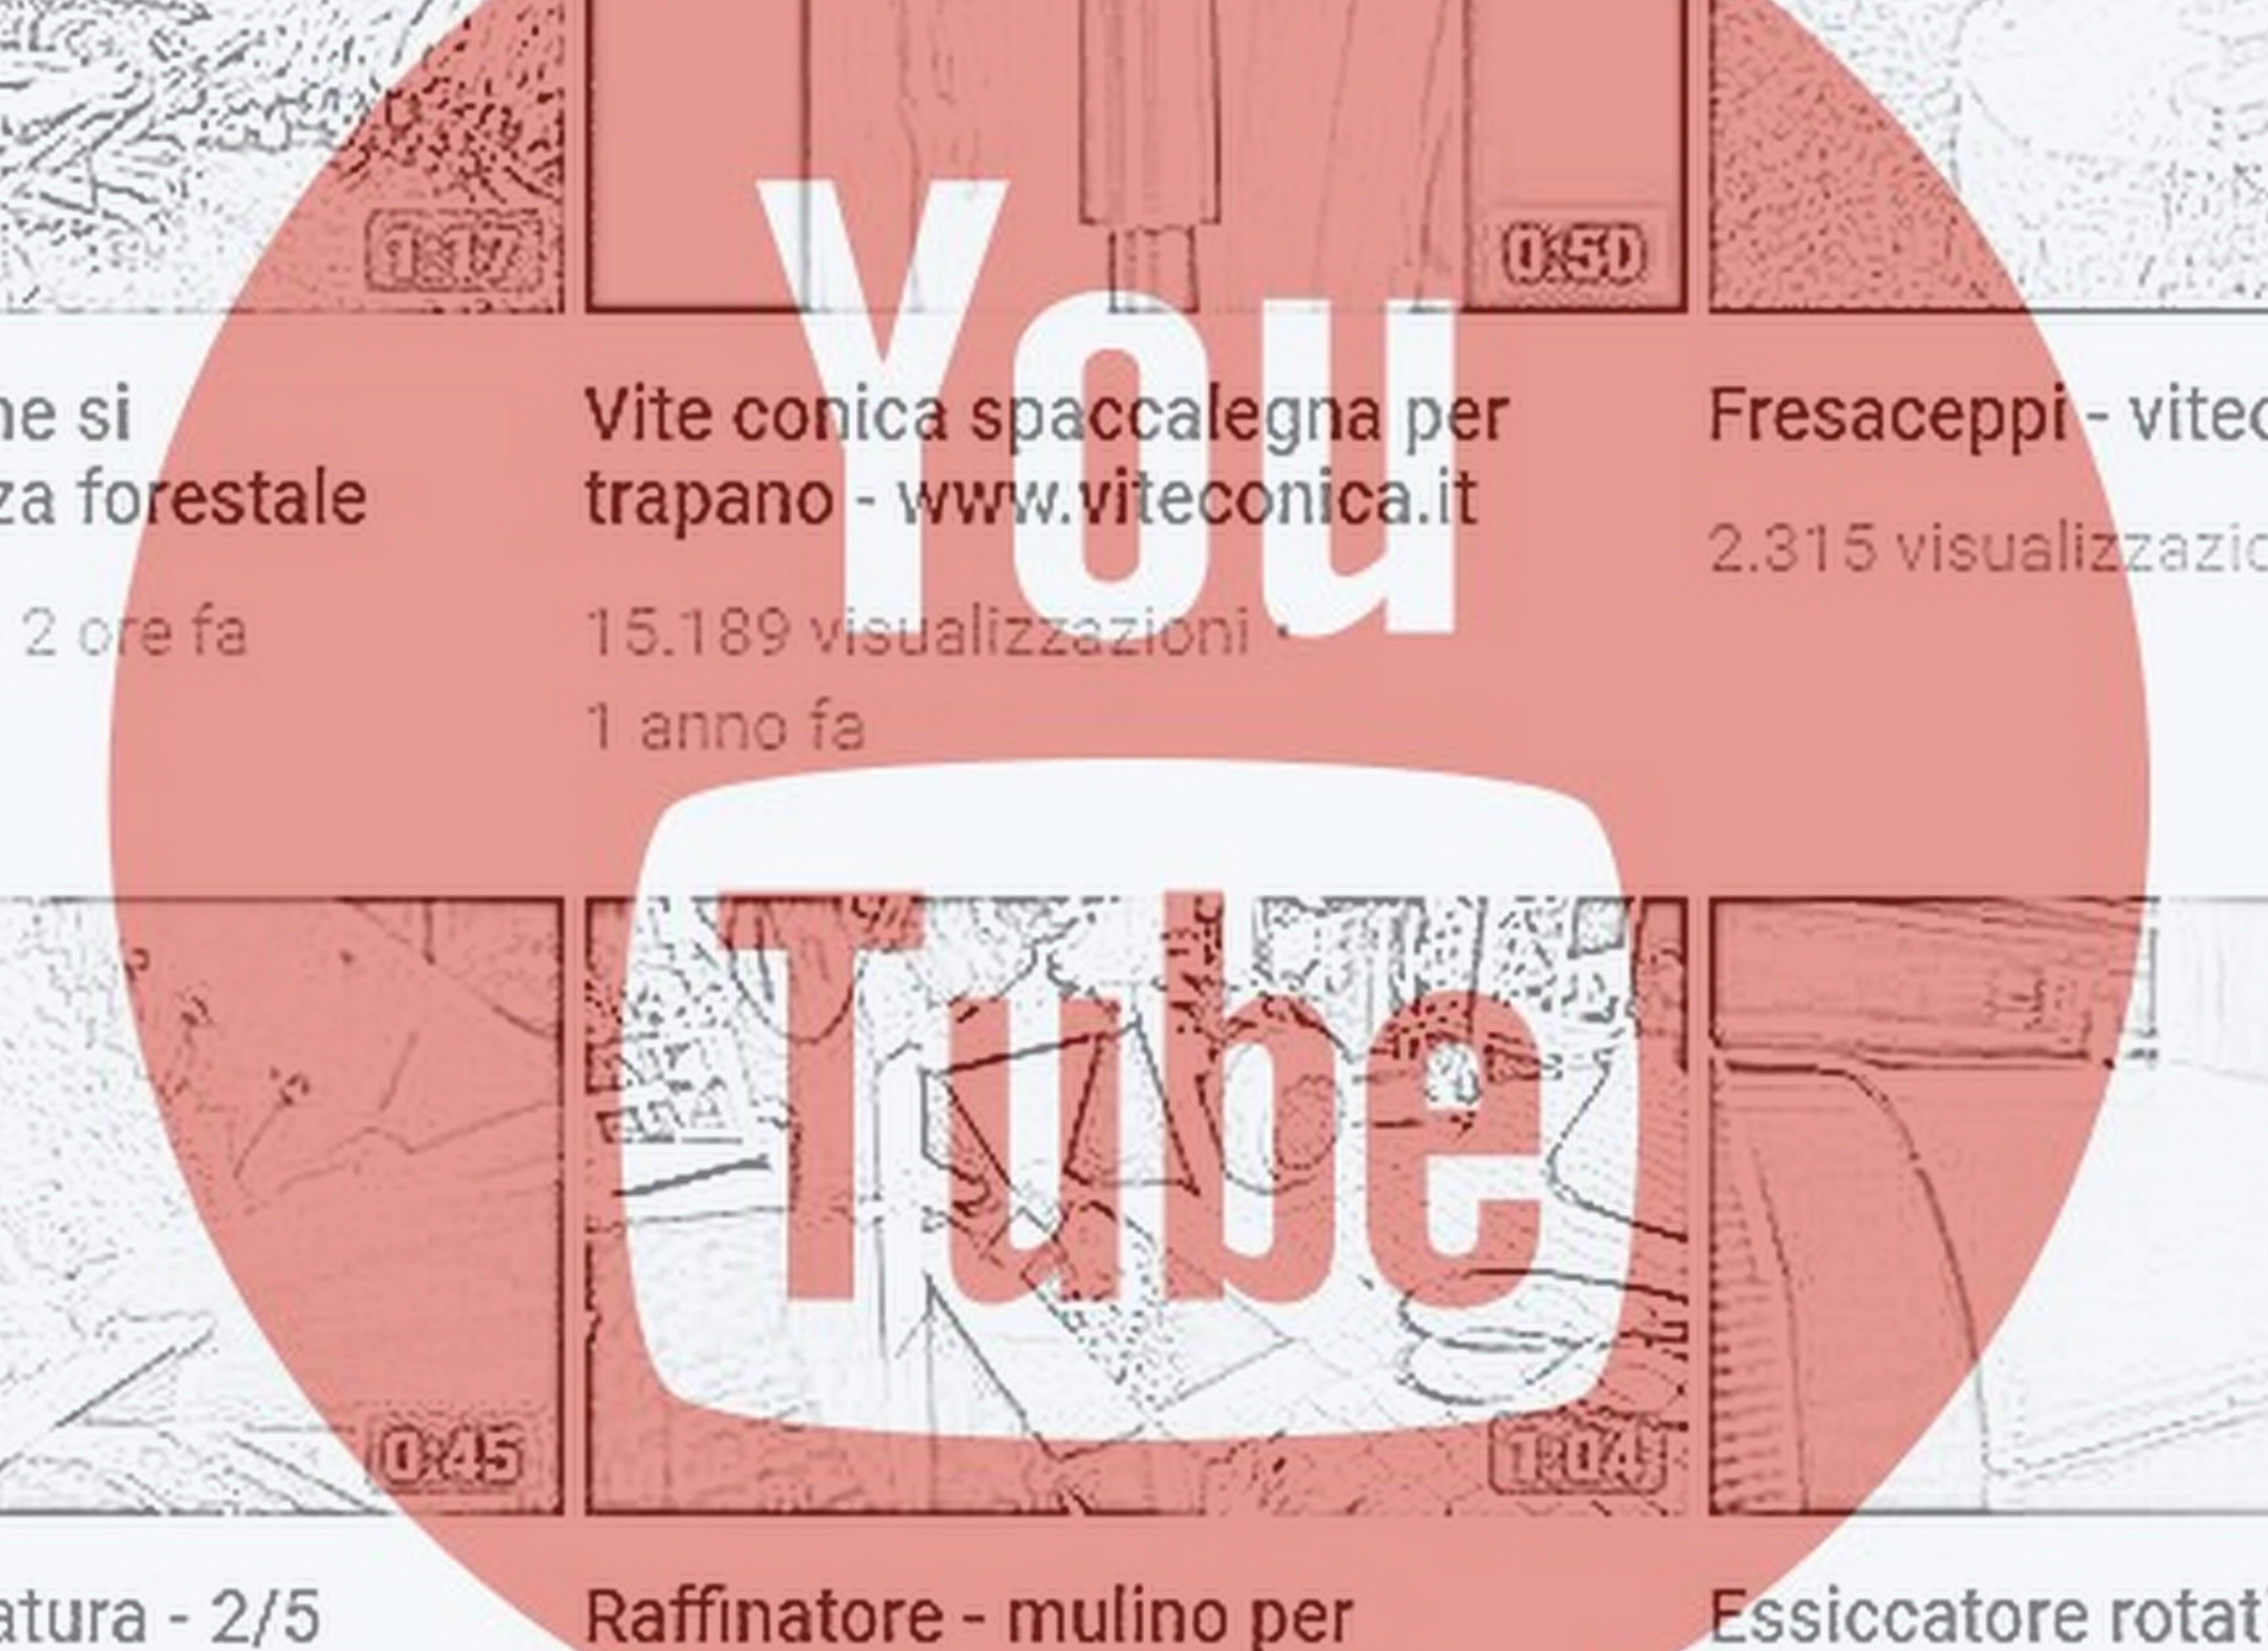 Viteconica - Youtube